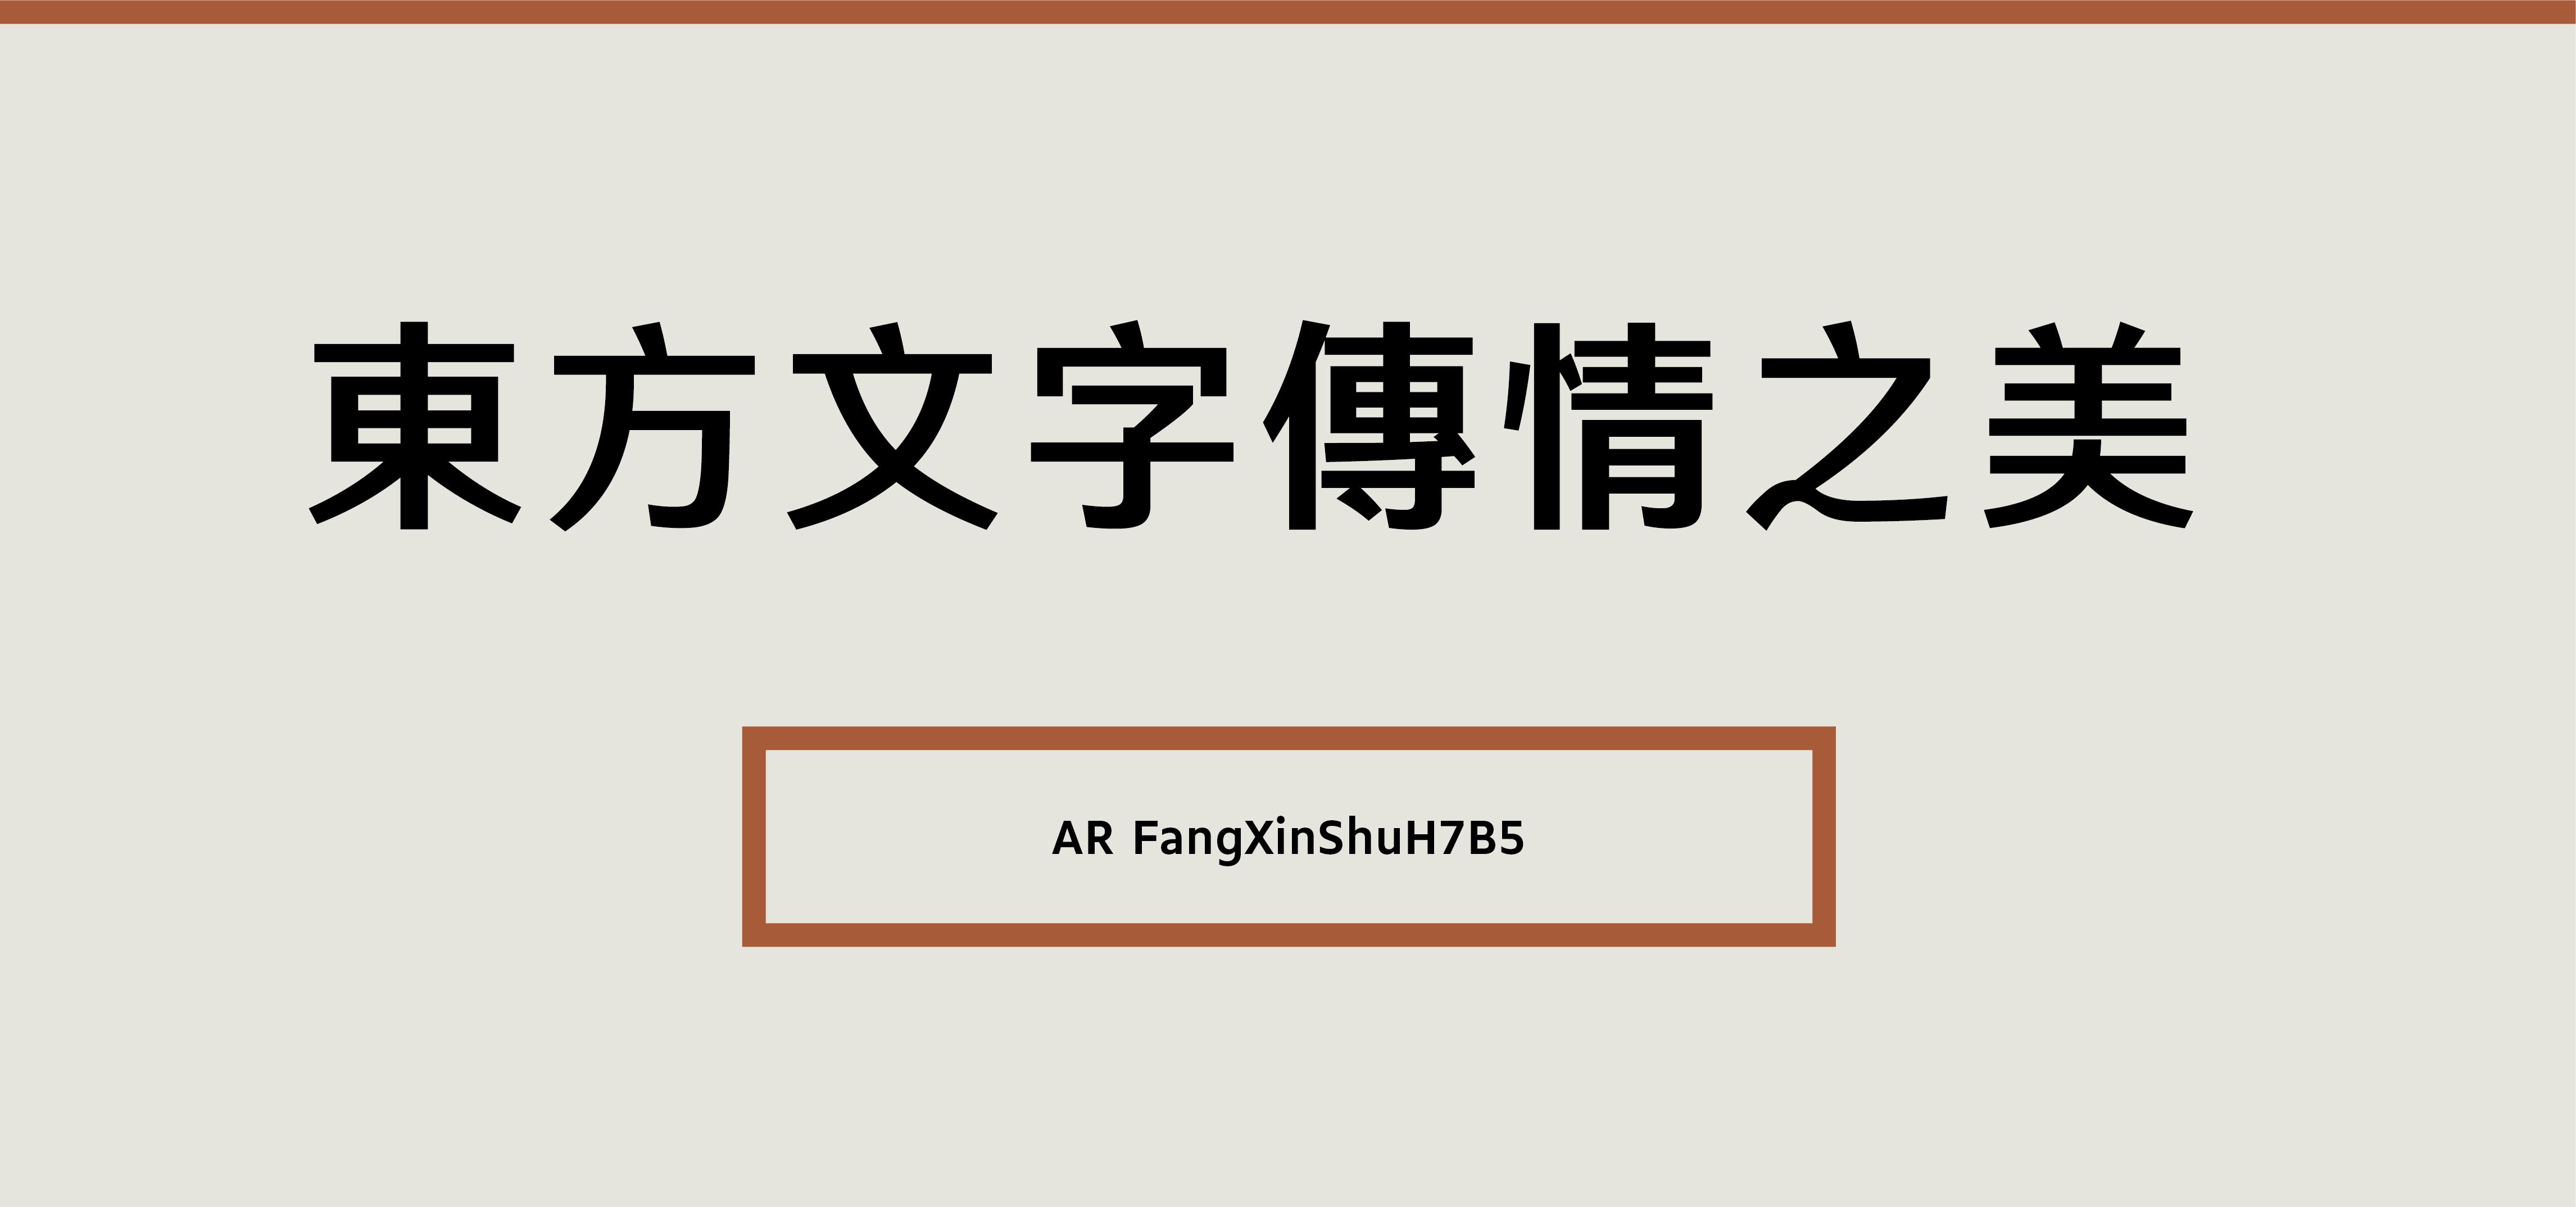 AR FangXinShuH7B5